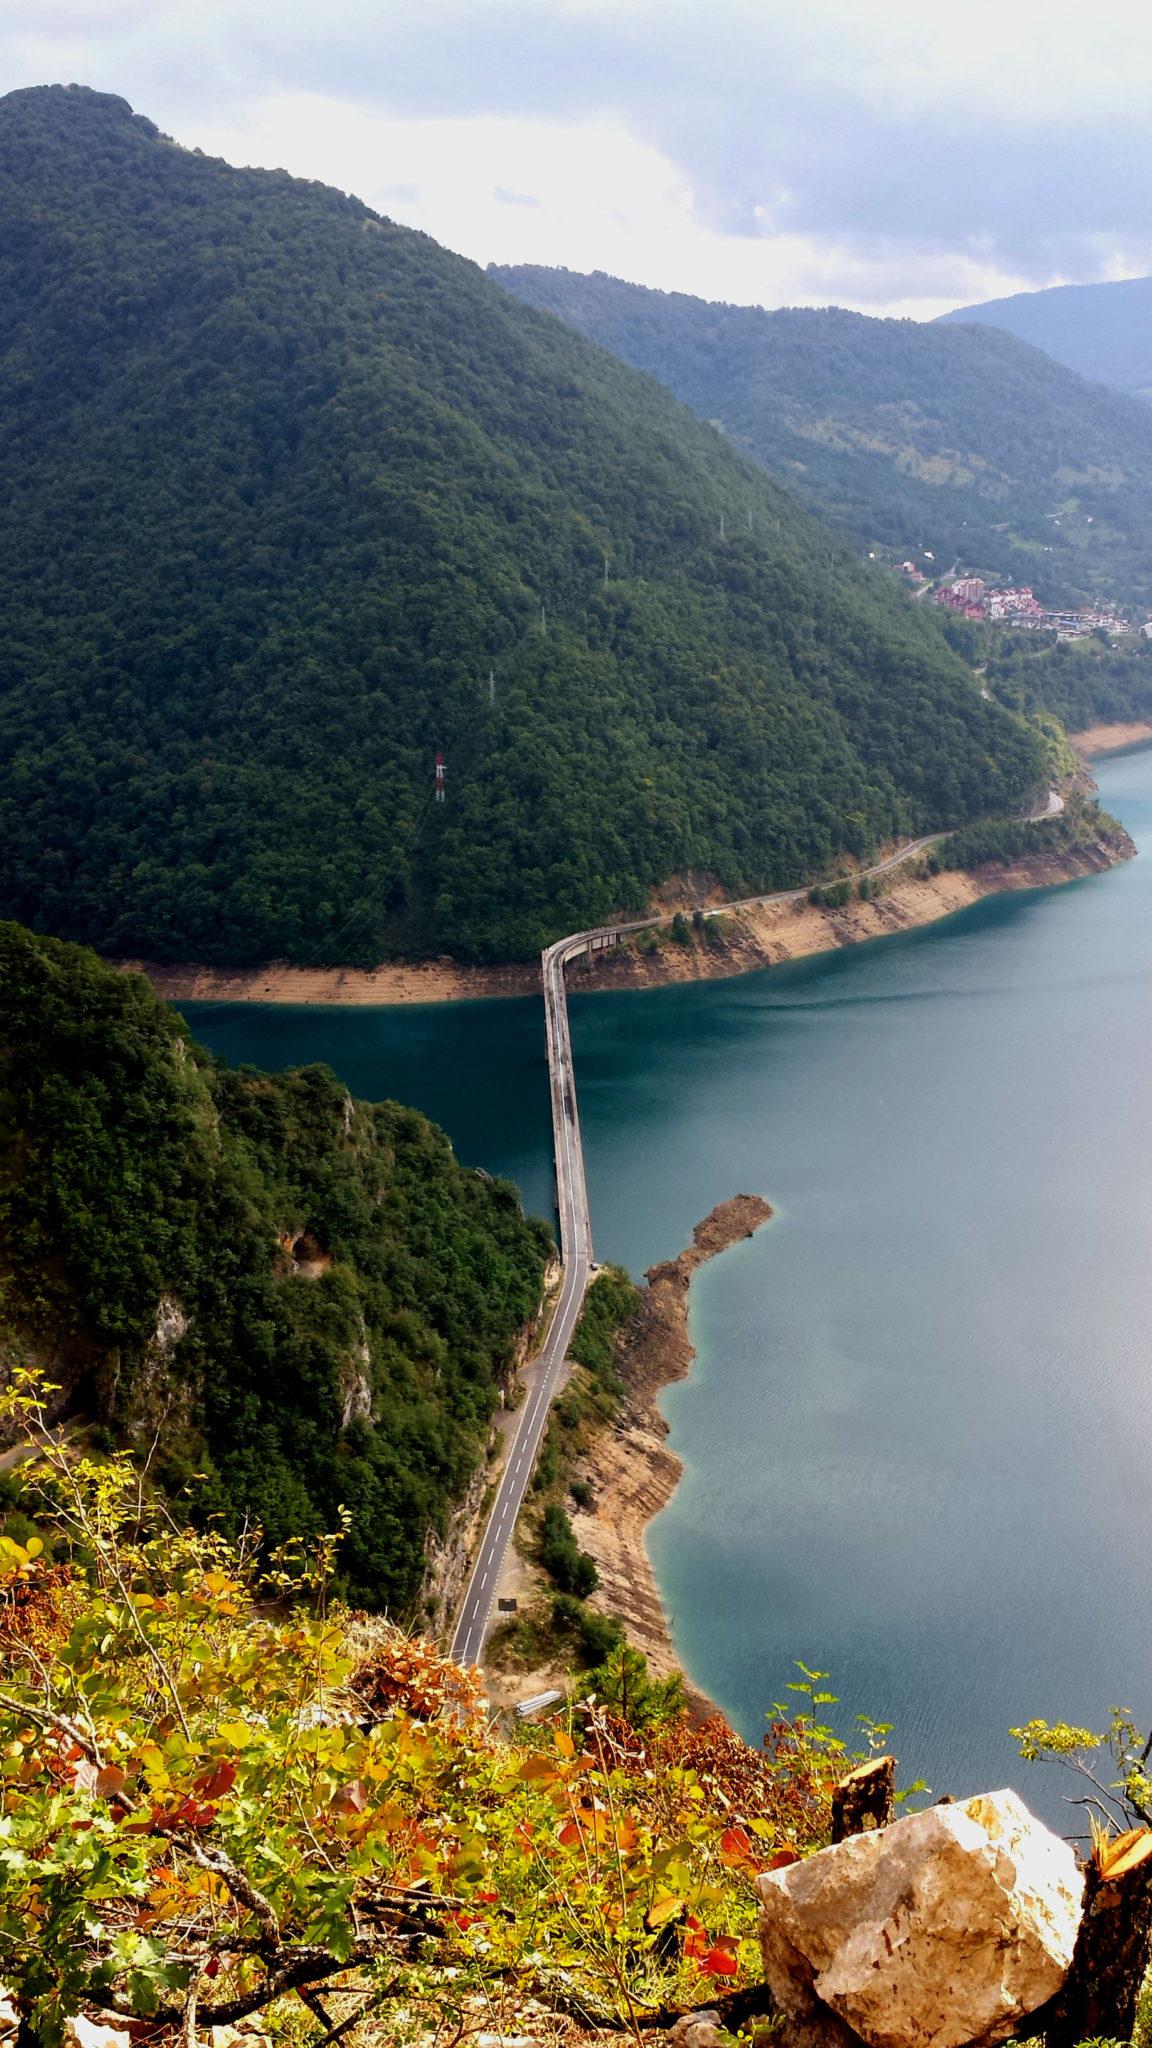 Hemaposesesvalises_montenegro_rafting_canyon_de_la_piva_tara_scepan_polje_travel_voyage_blog16